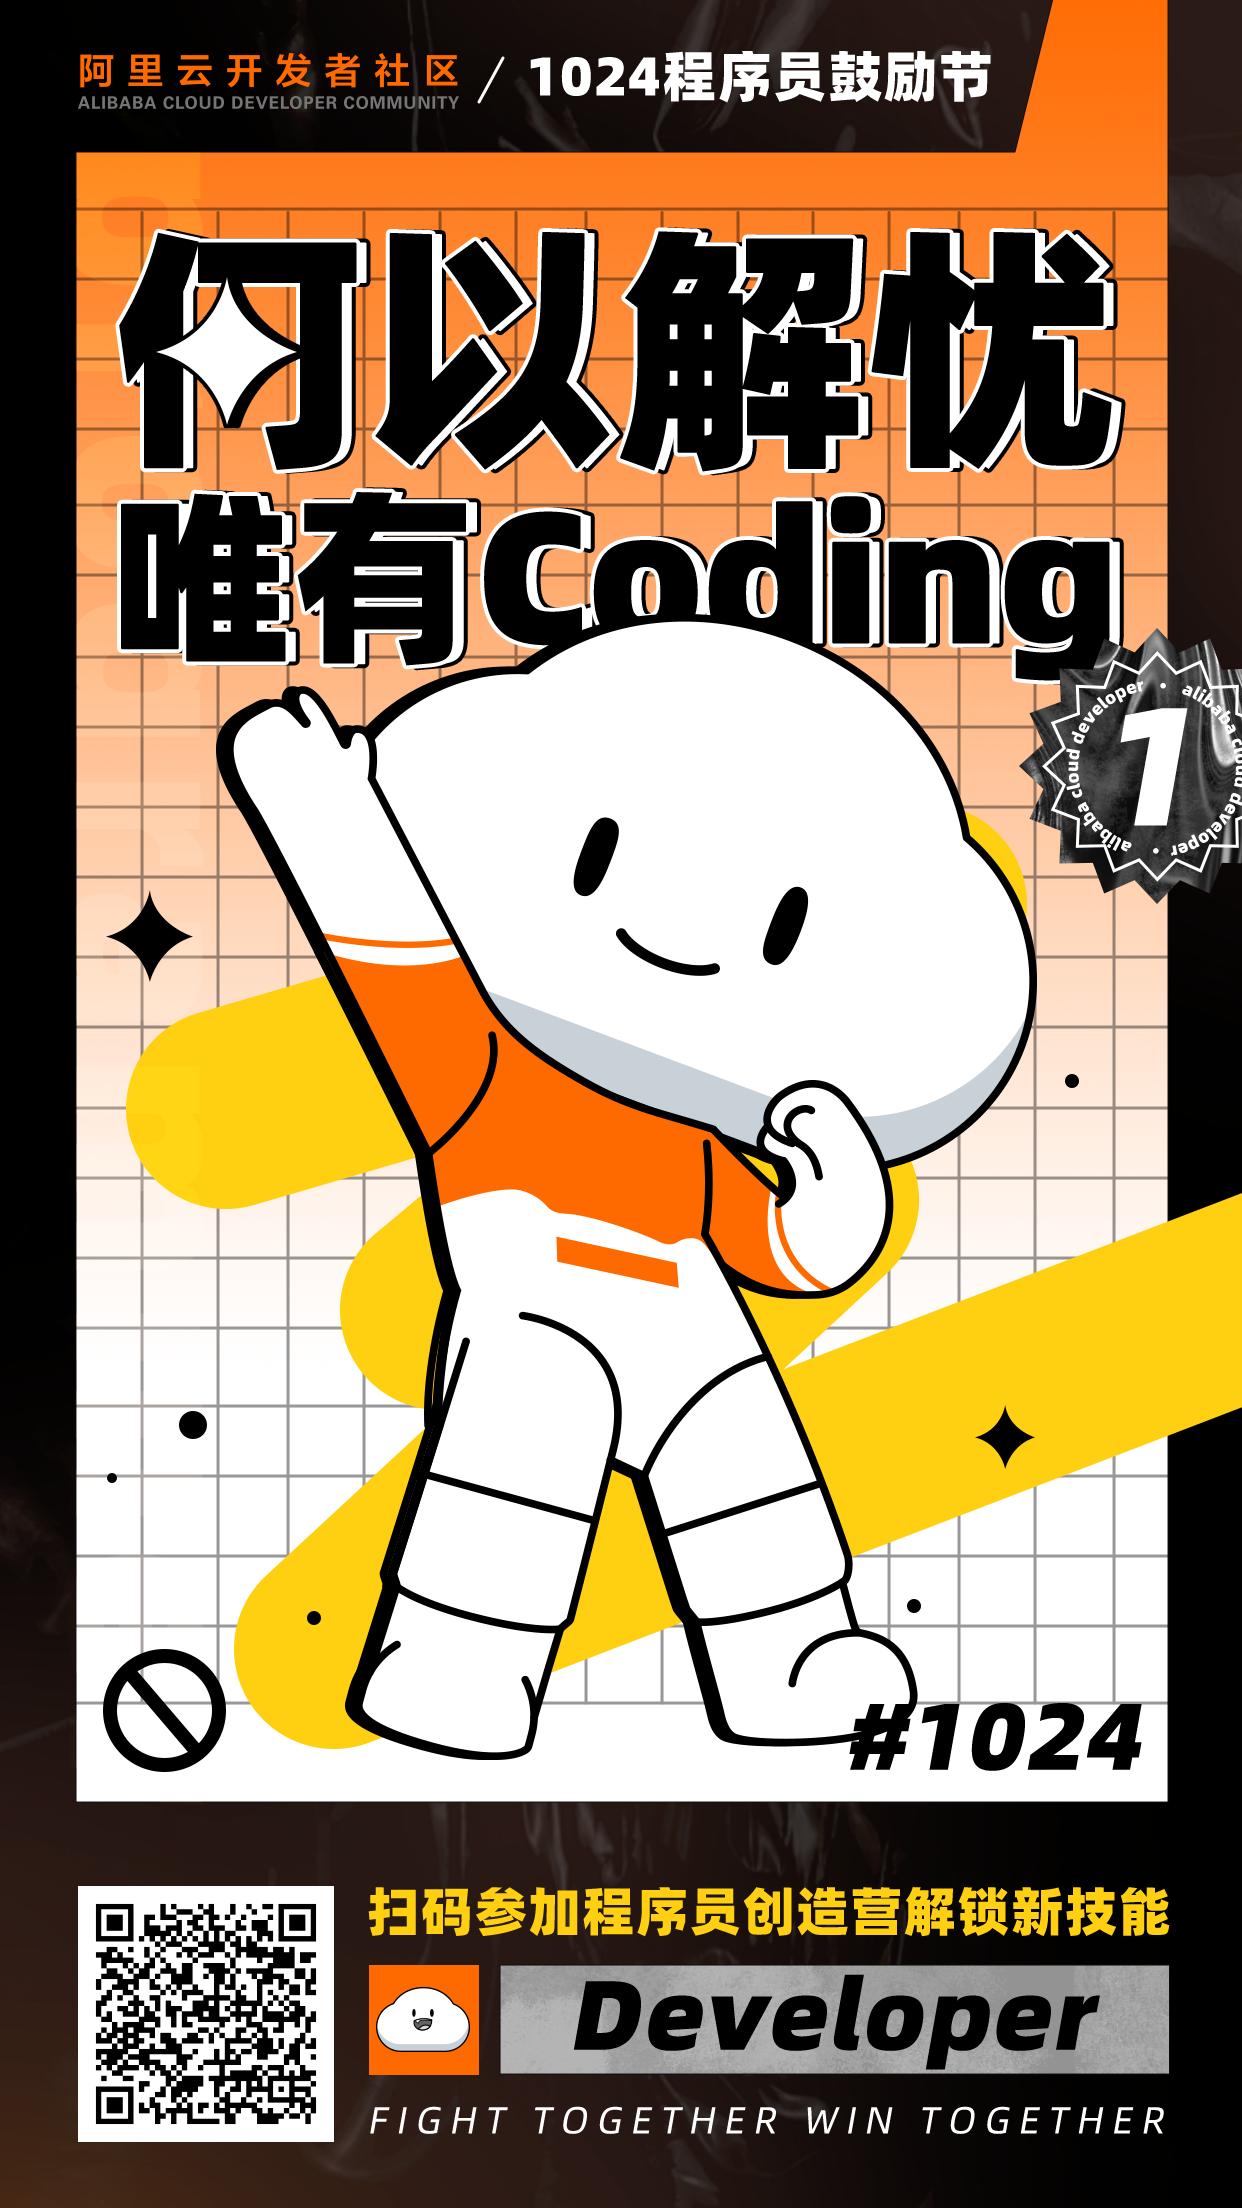 1024程序员鼓励节来啦!限量手办、机械键盘、独家PDF下载等多重福利等你来!